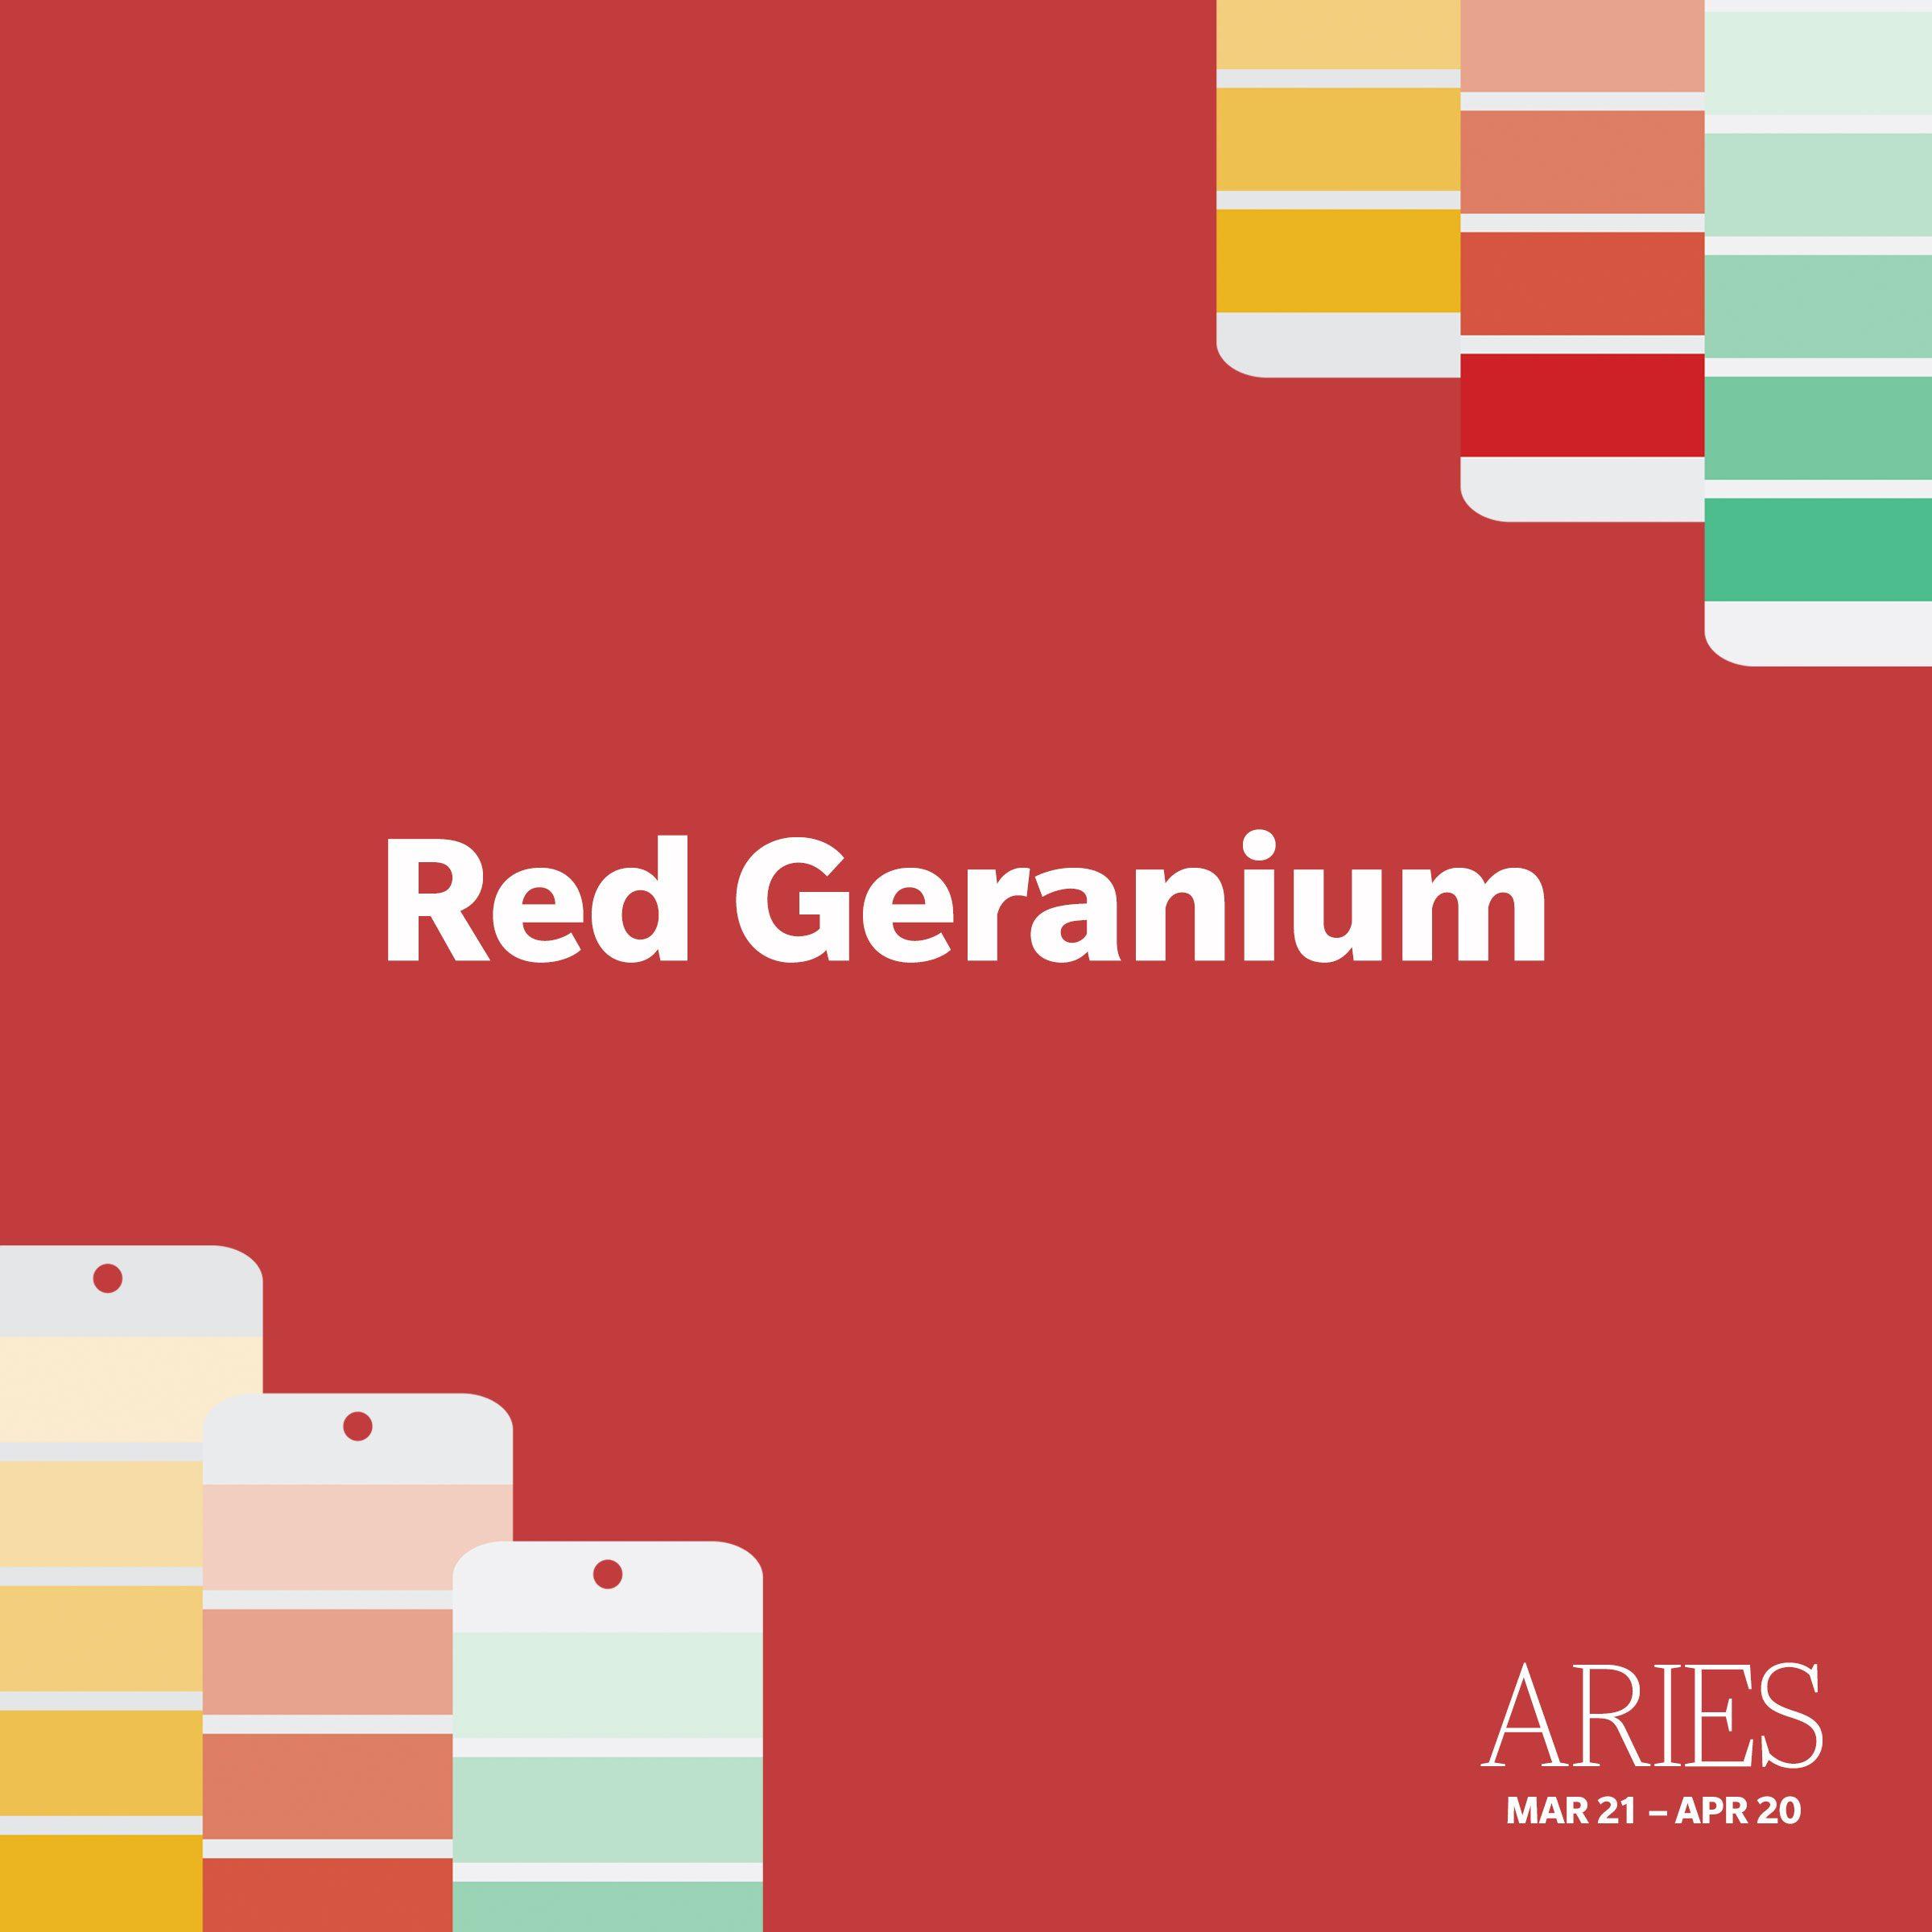 Aries: Red Geranium